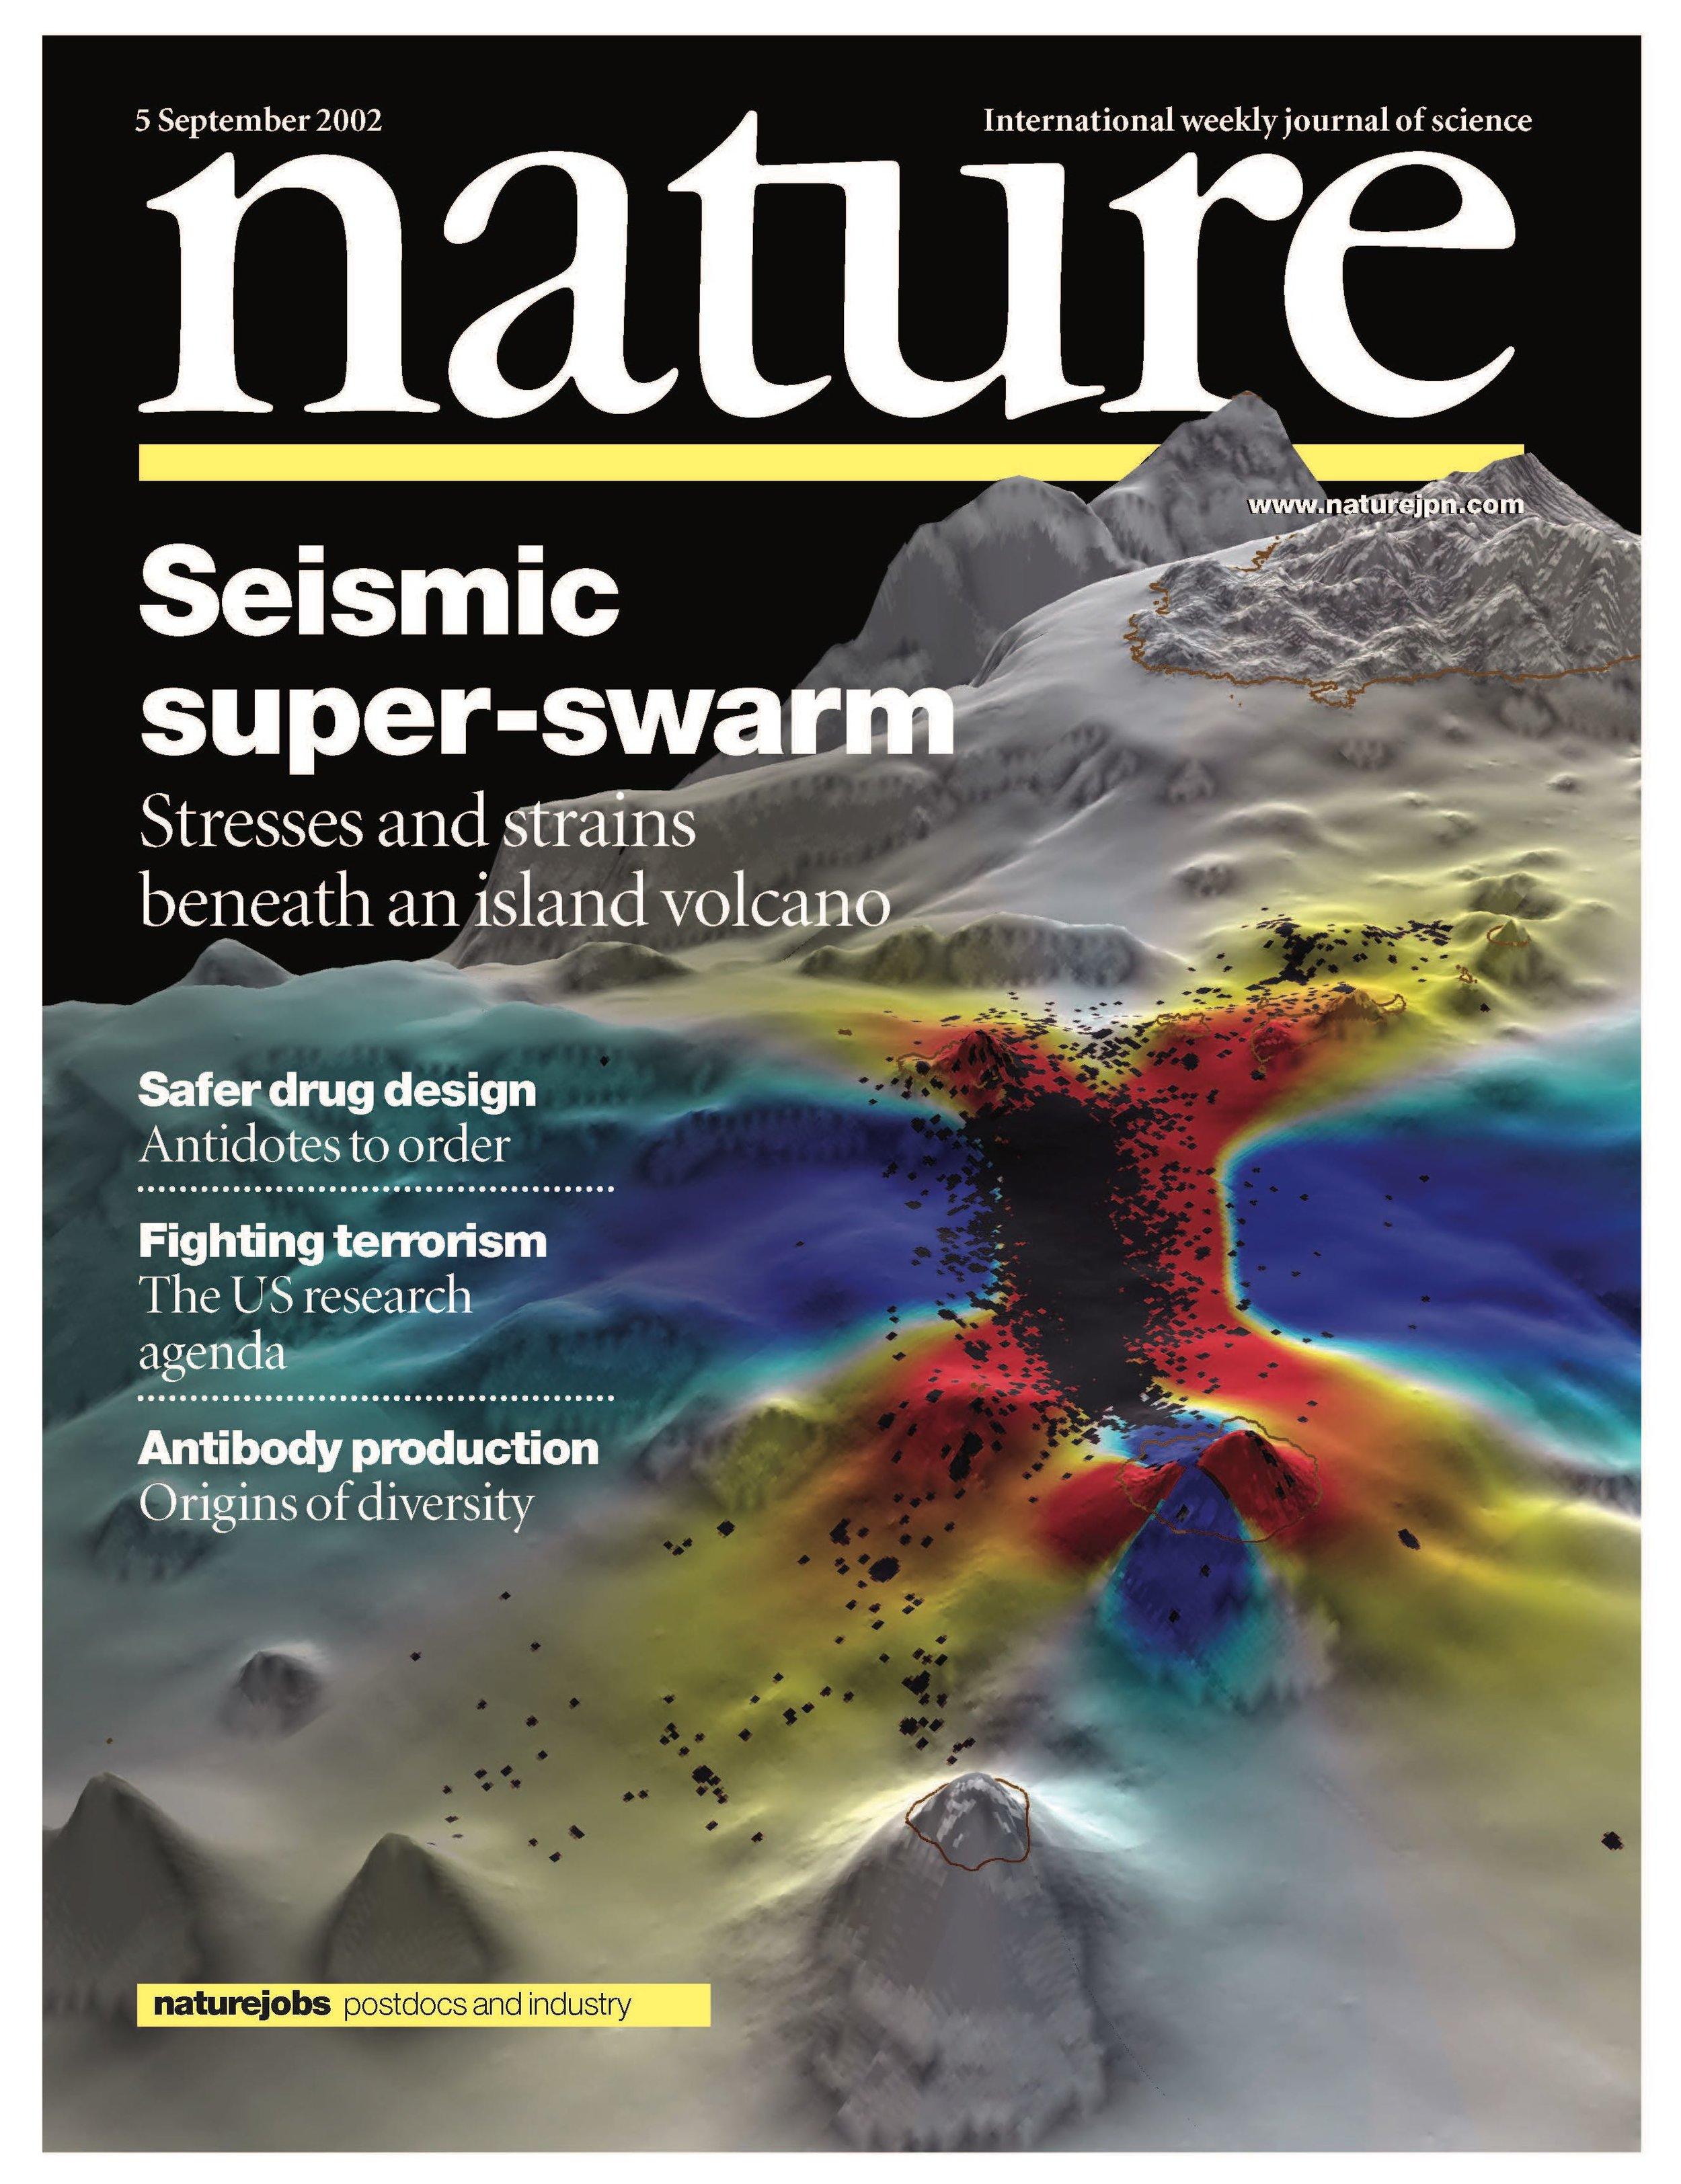 Toda_et_al_Nature 2002_cover (1).jpg